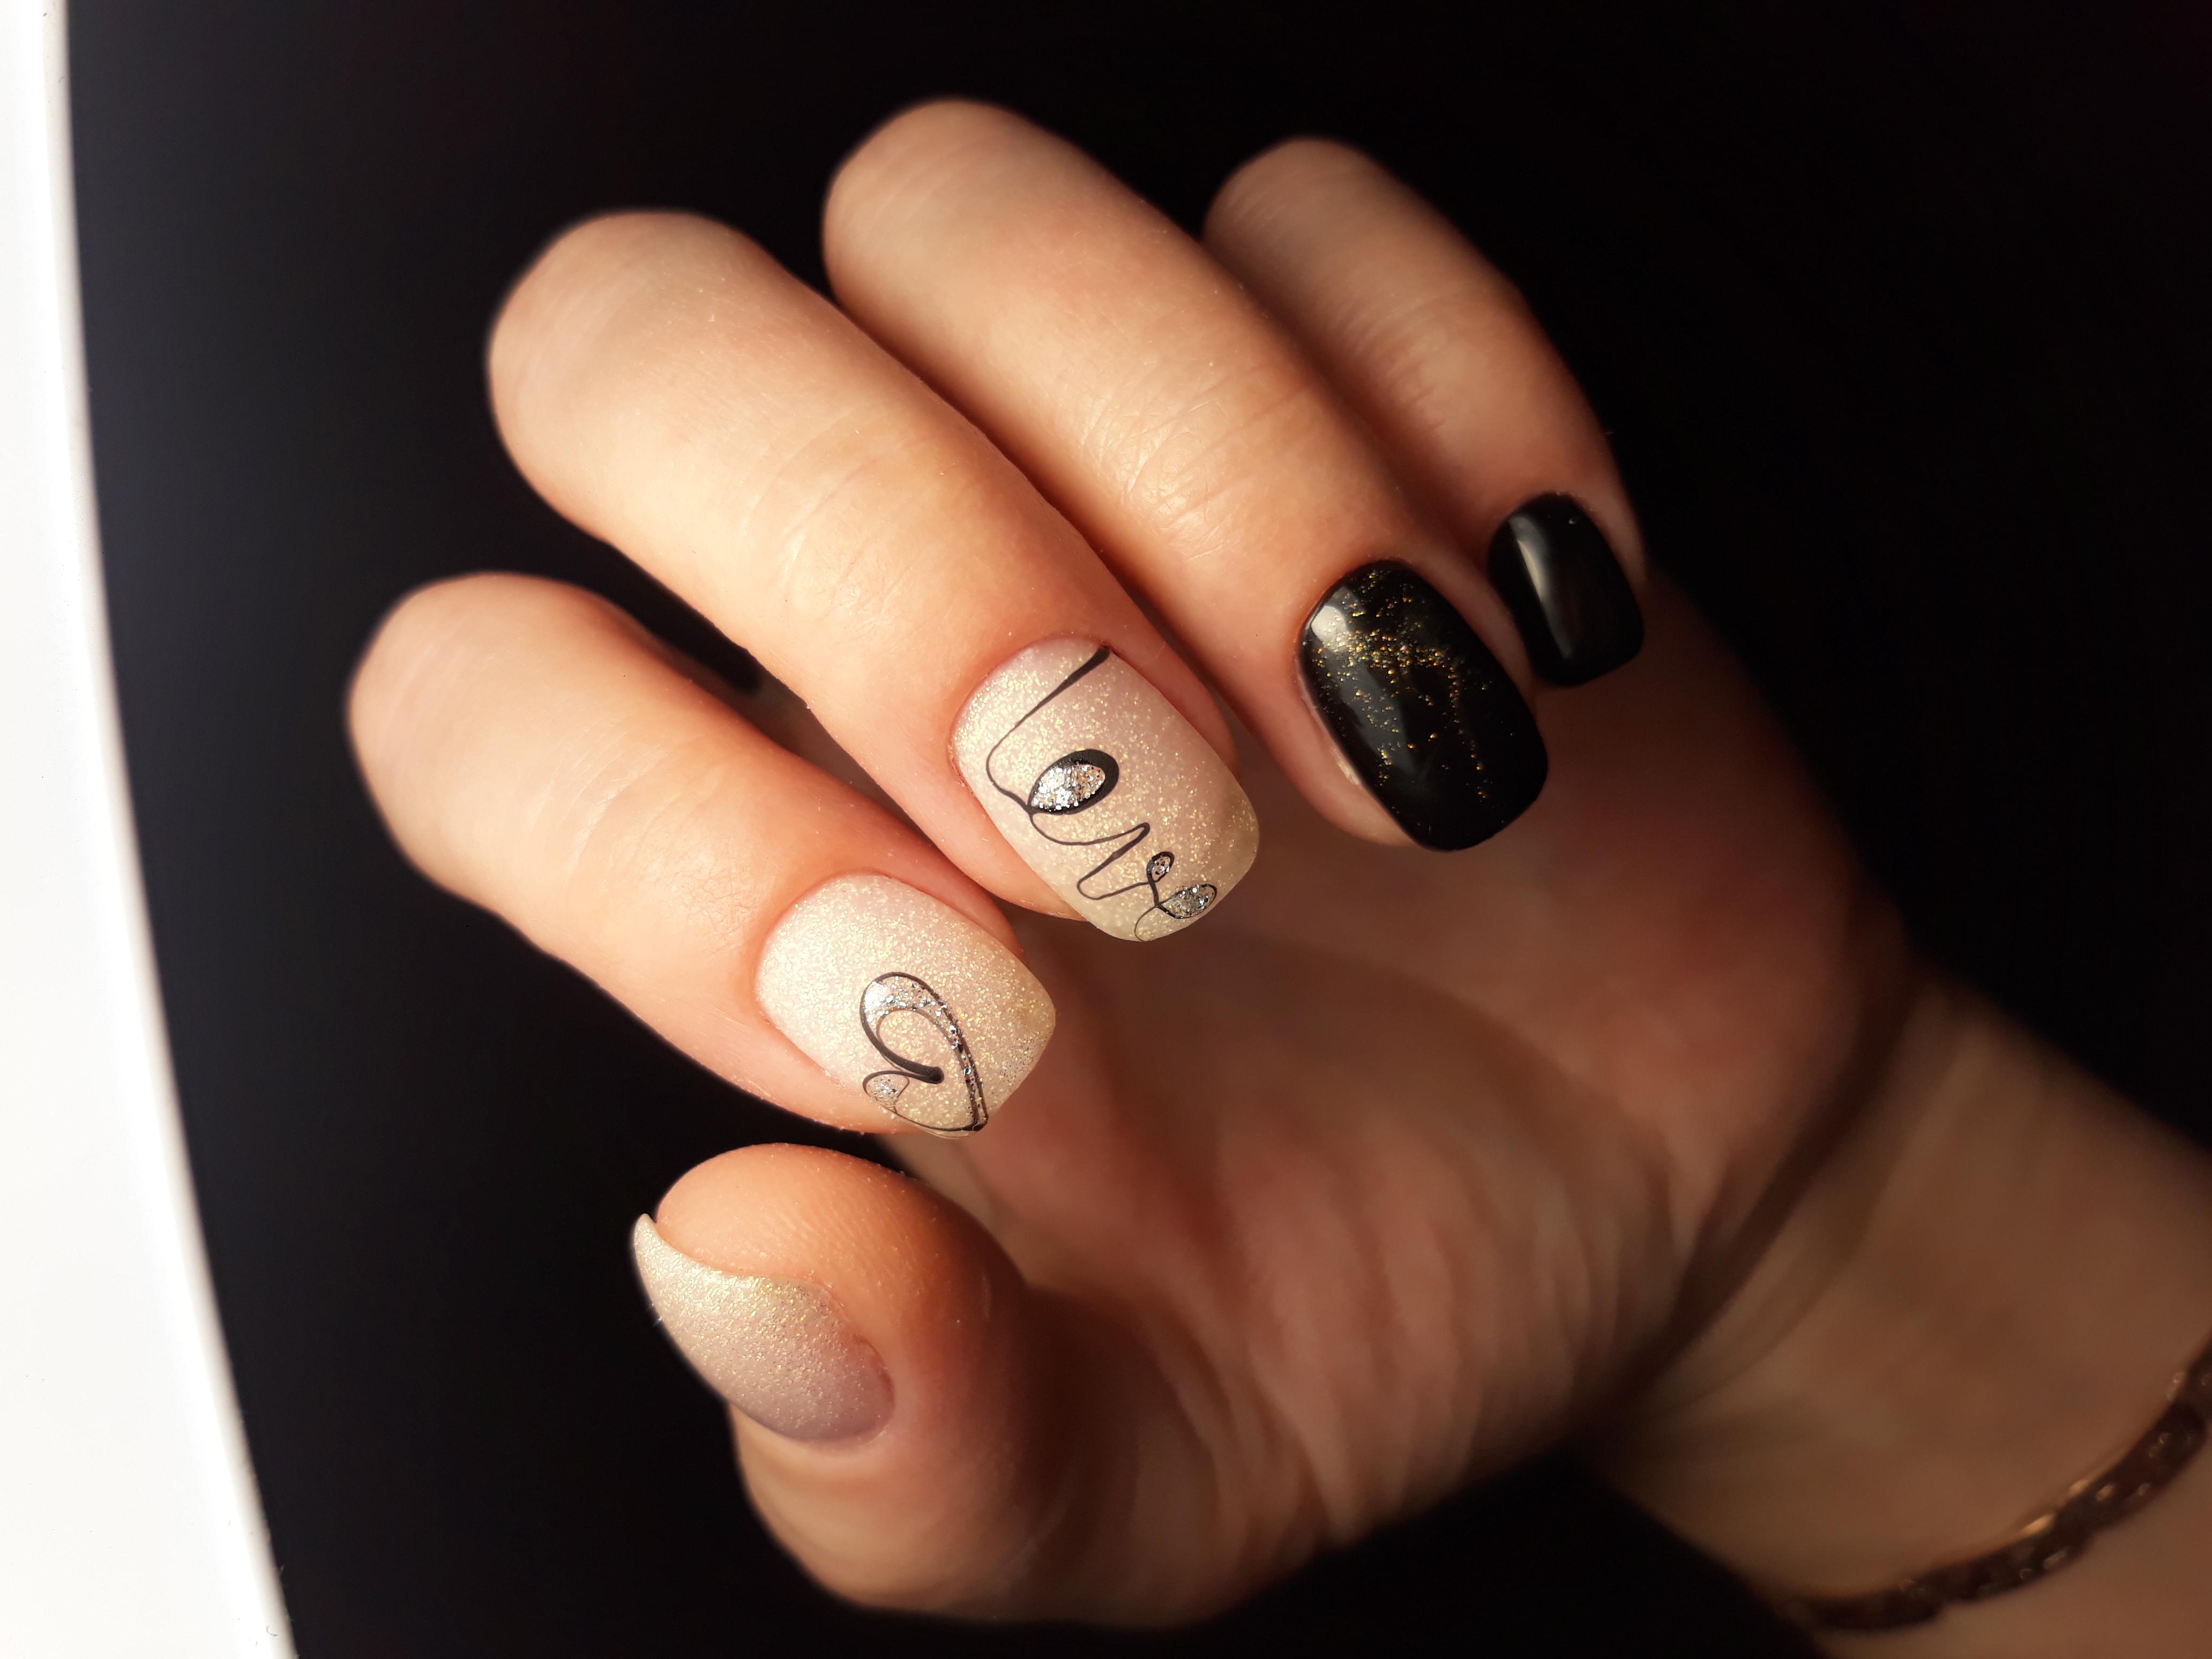 Маникюр с сердечком и блестками на короткие ногти.